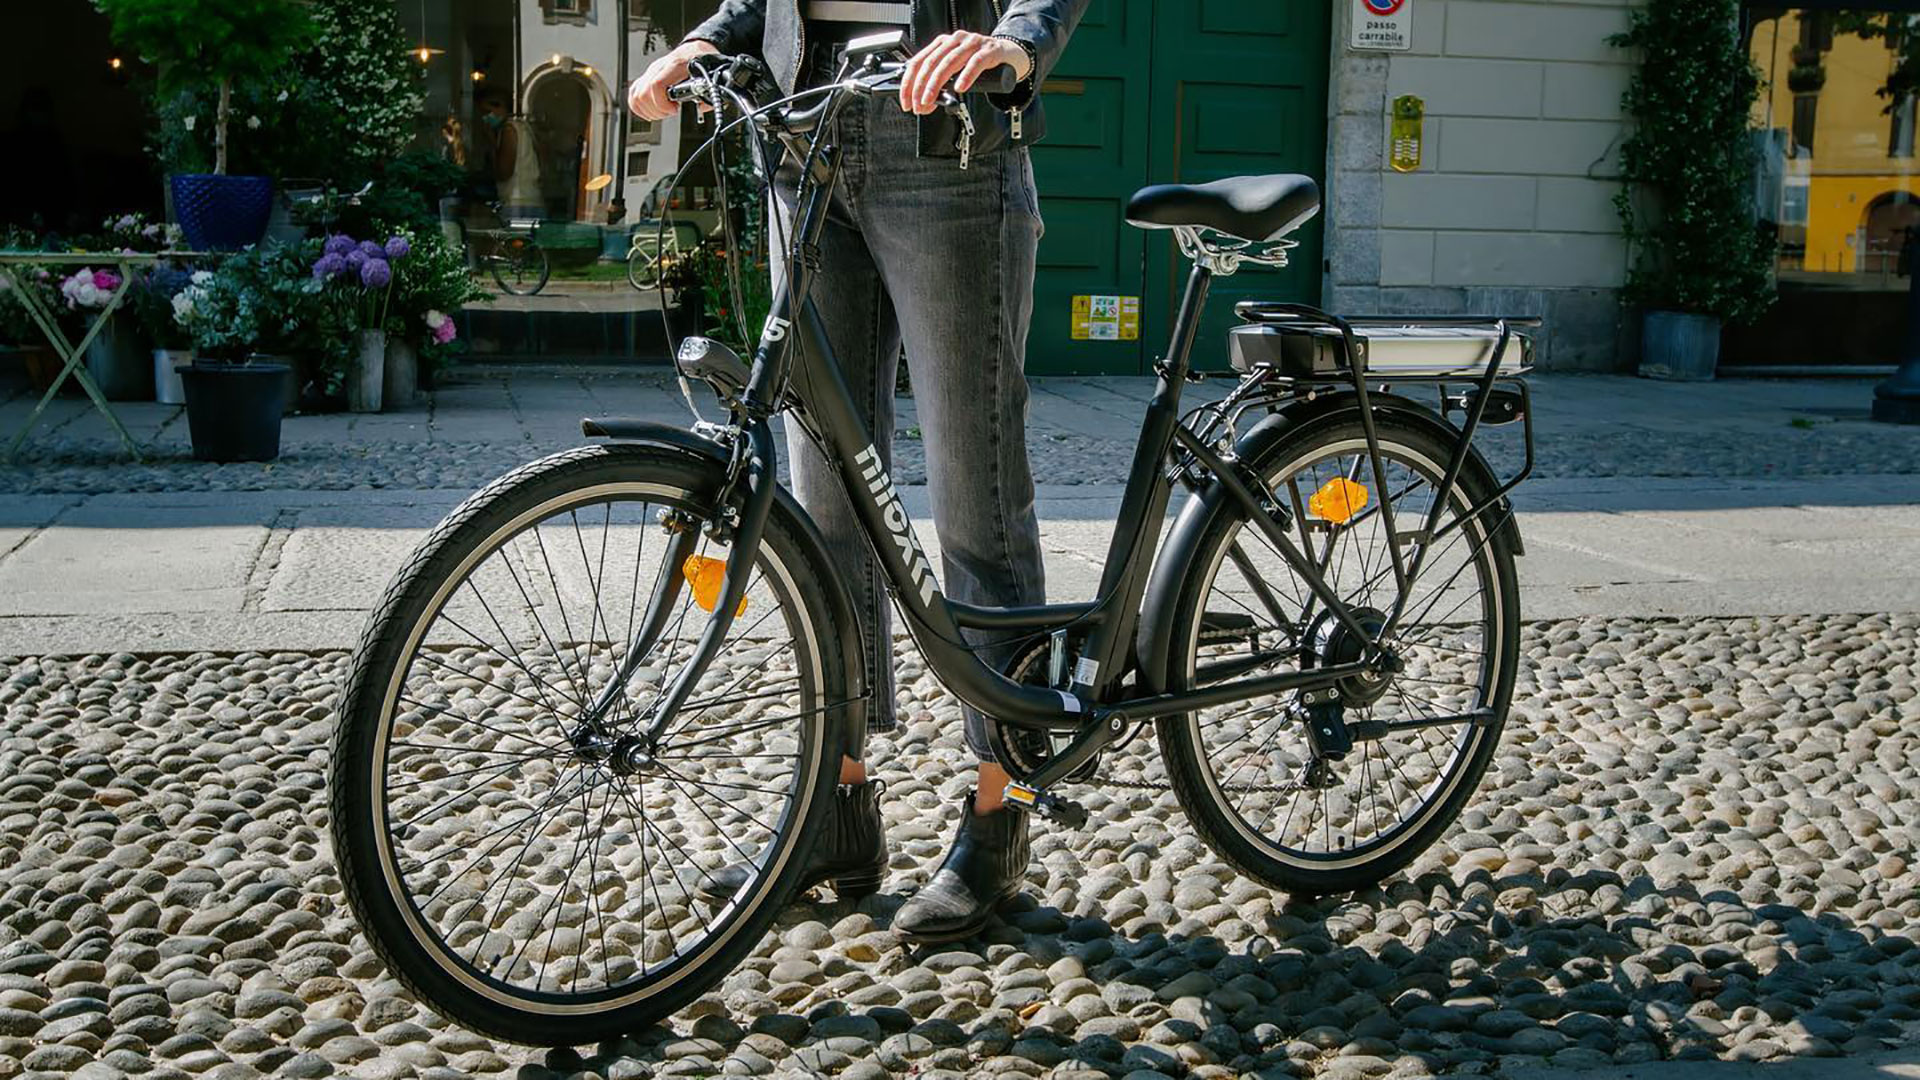 Come scegliere una bici elettrica perfetta per il tuo stile di vita